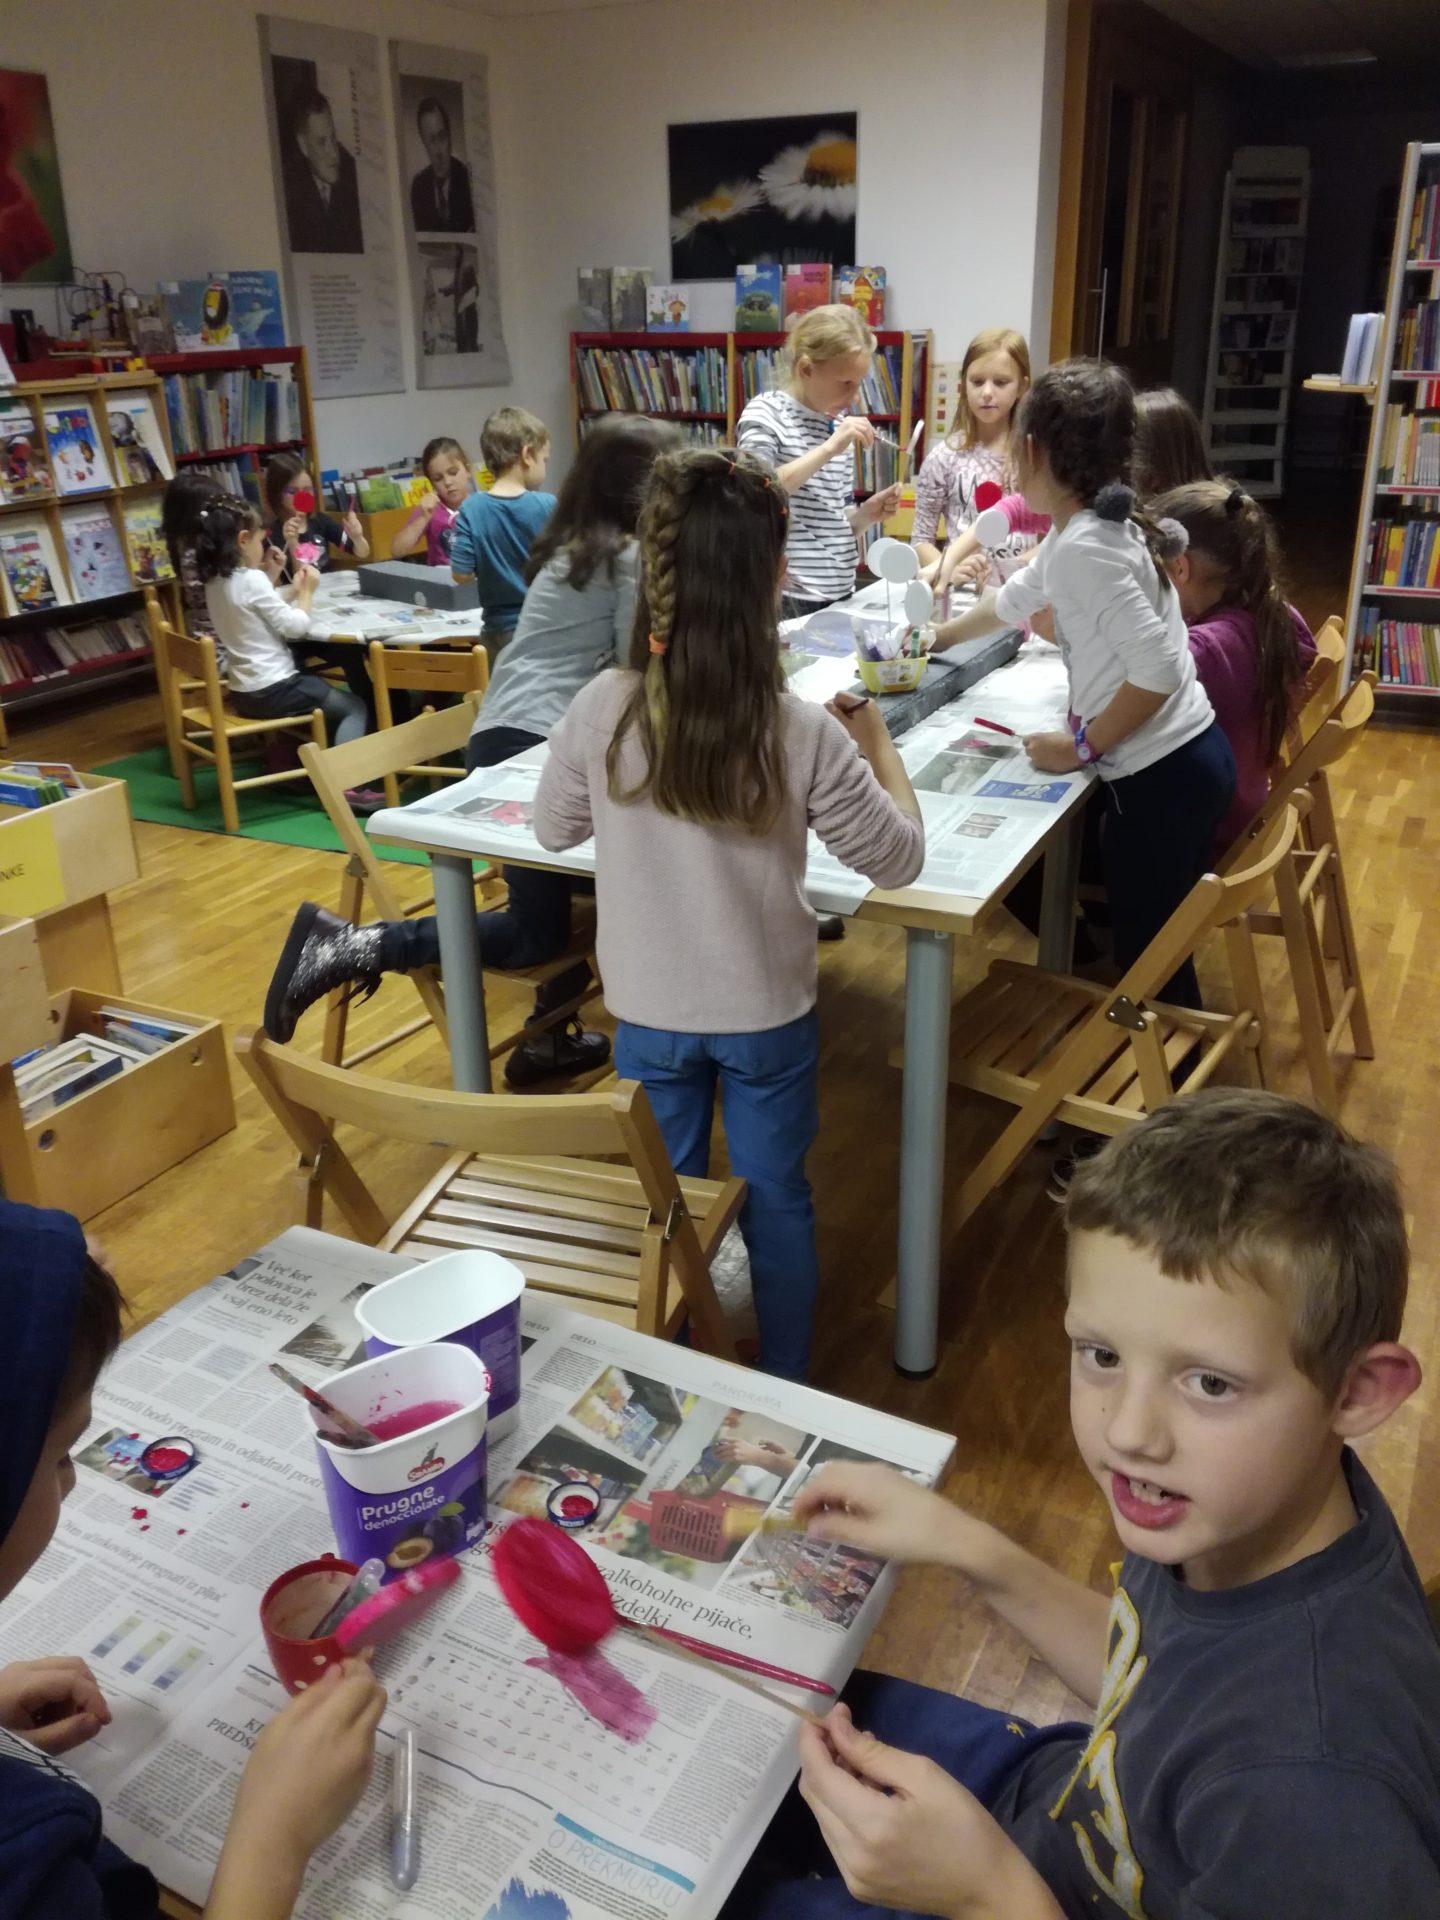 IMG 20191209 184436 1 - Pravljična urica in ustvarjalna delavnica za otroke od 4. leta dalje